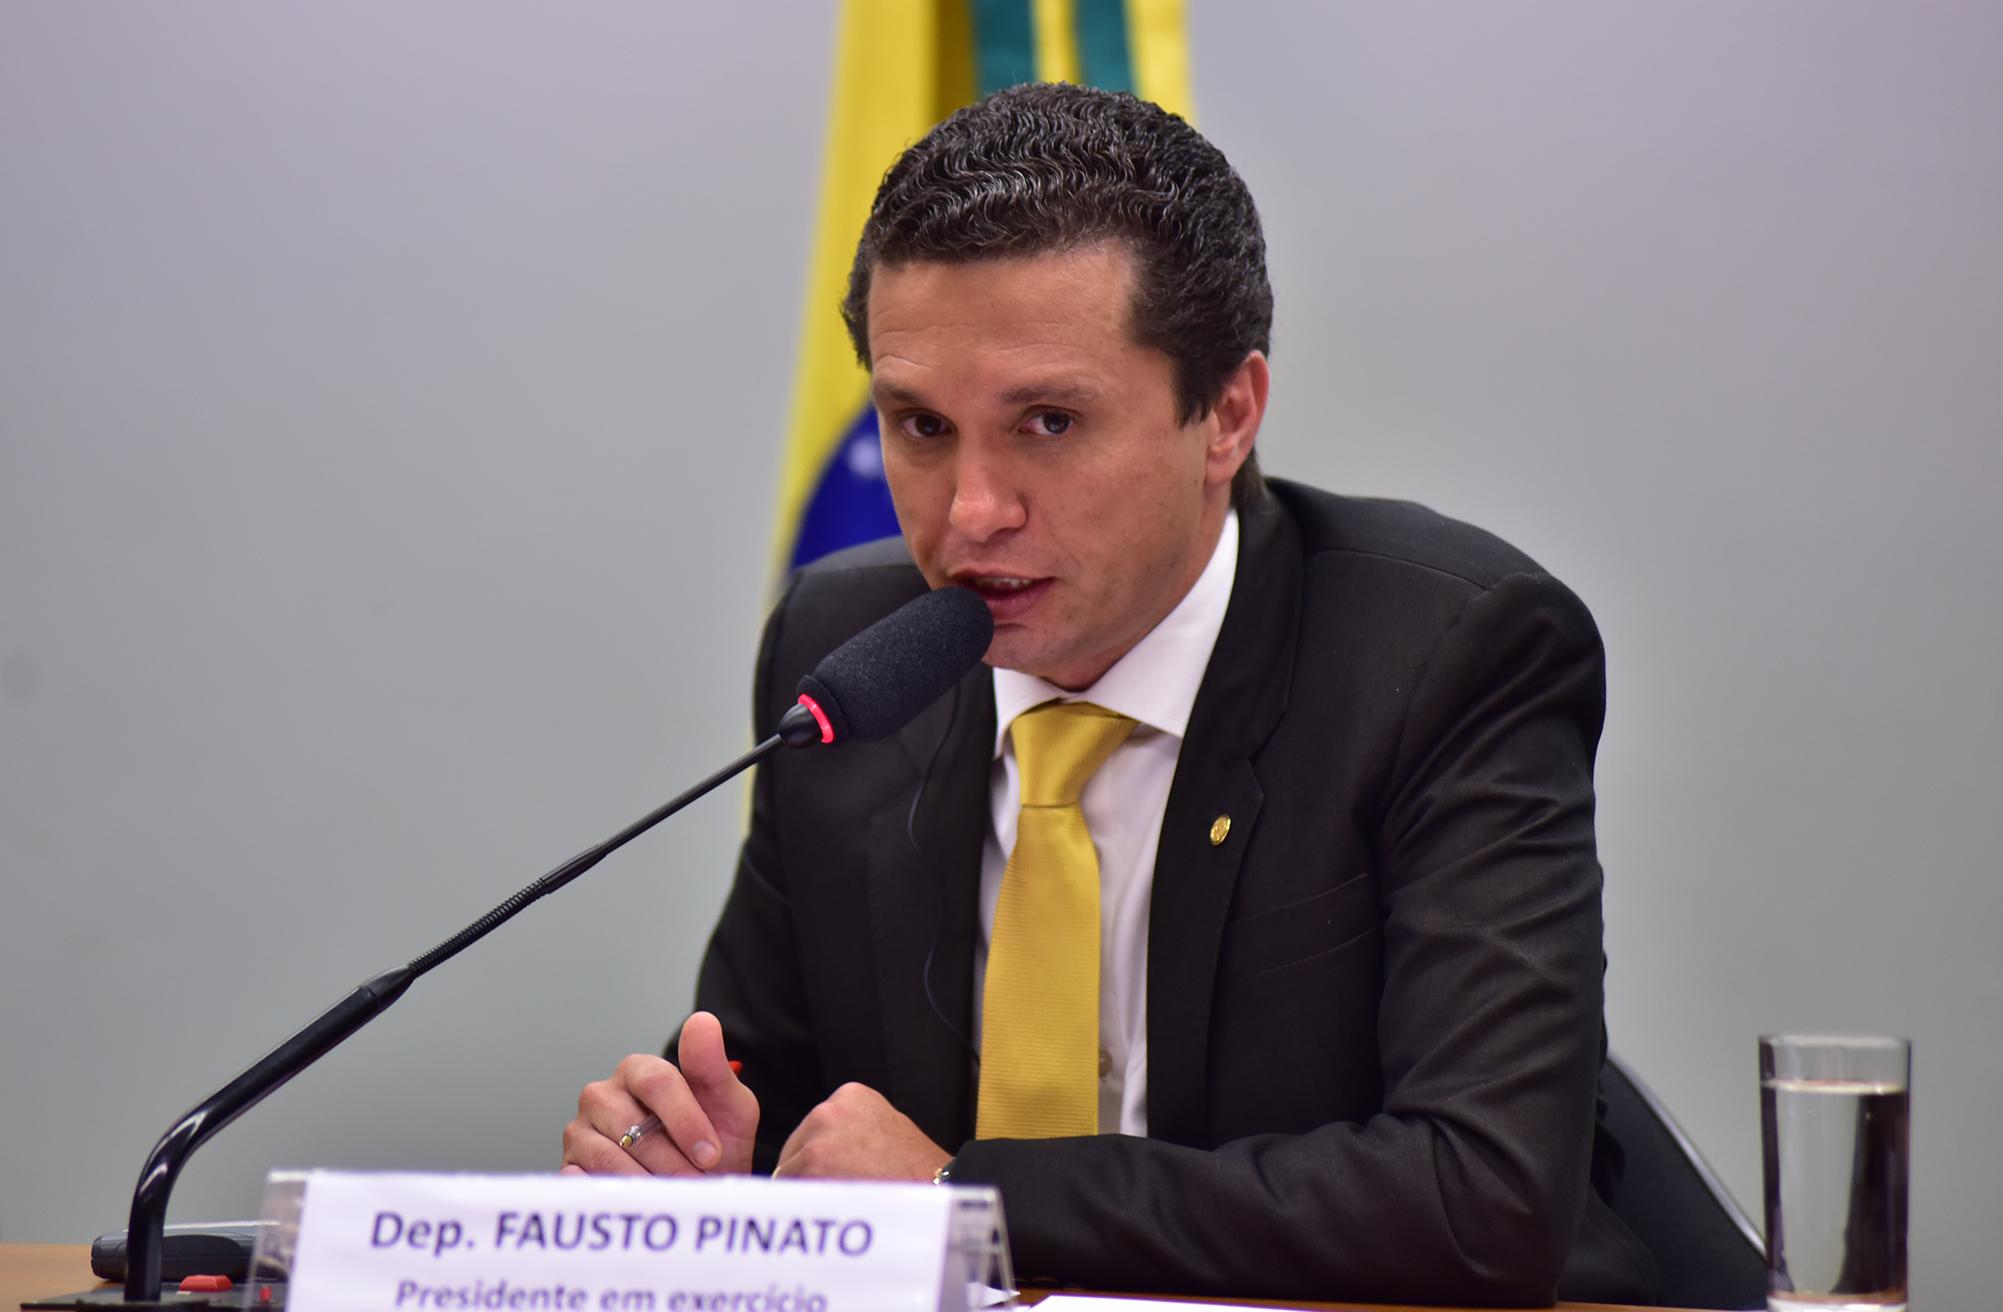 Membros do Conselho de Ética recebem o Embaixador da Suécia no Brasil e membros da Comissão de Constituição do Parlamento da Suécia. Dep. Fausto Pinato (PRB-SP)